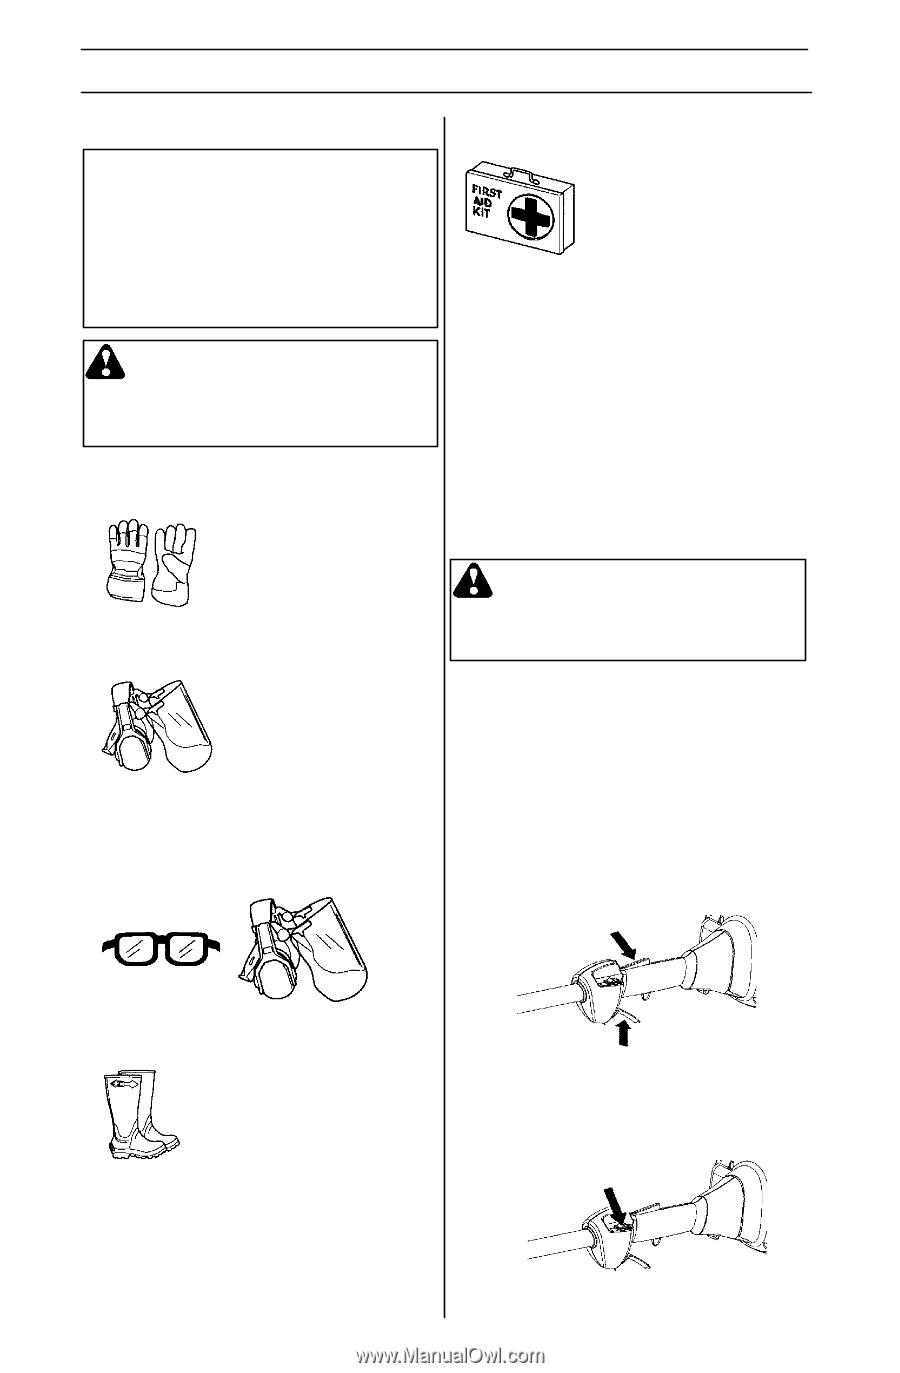 husqvarna 128ld manual pdf download